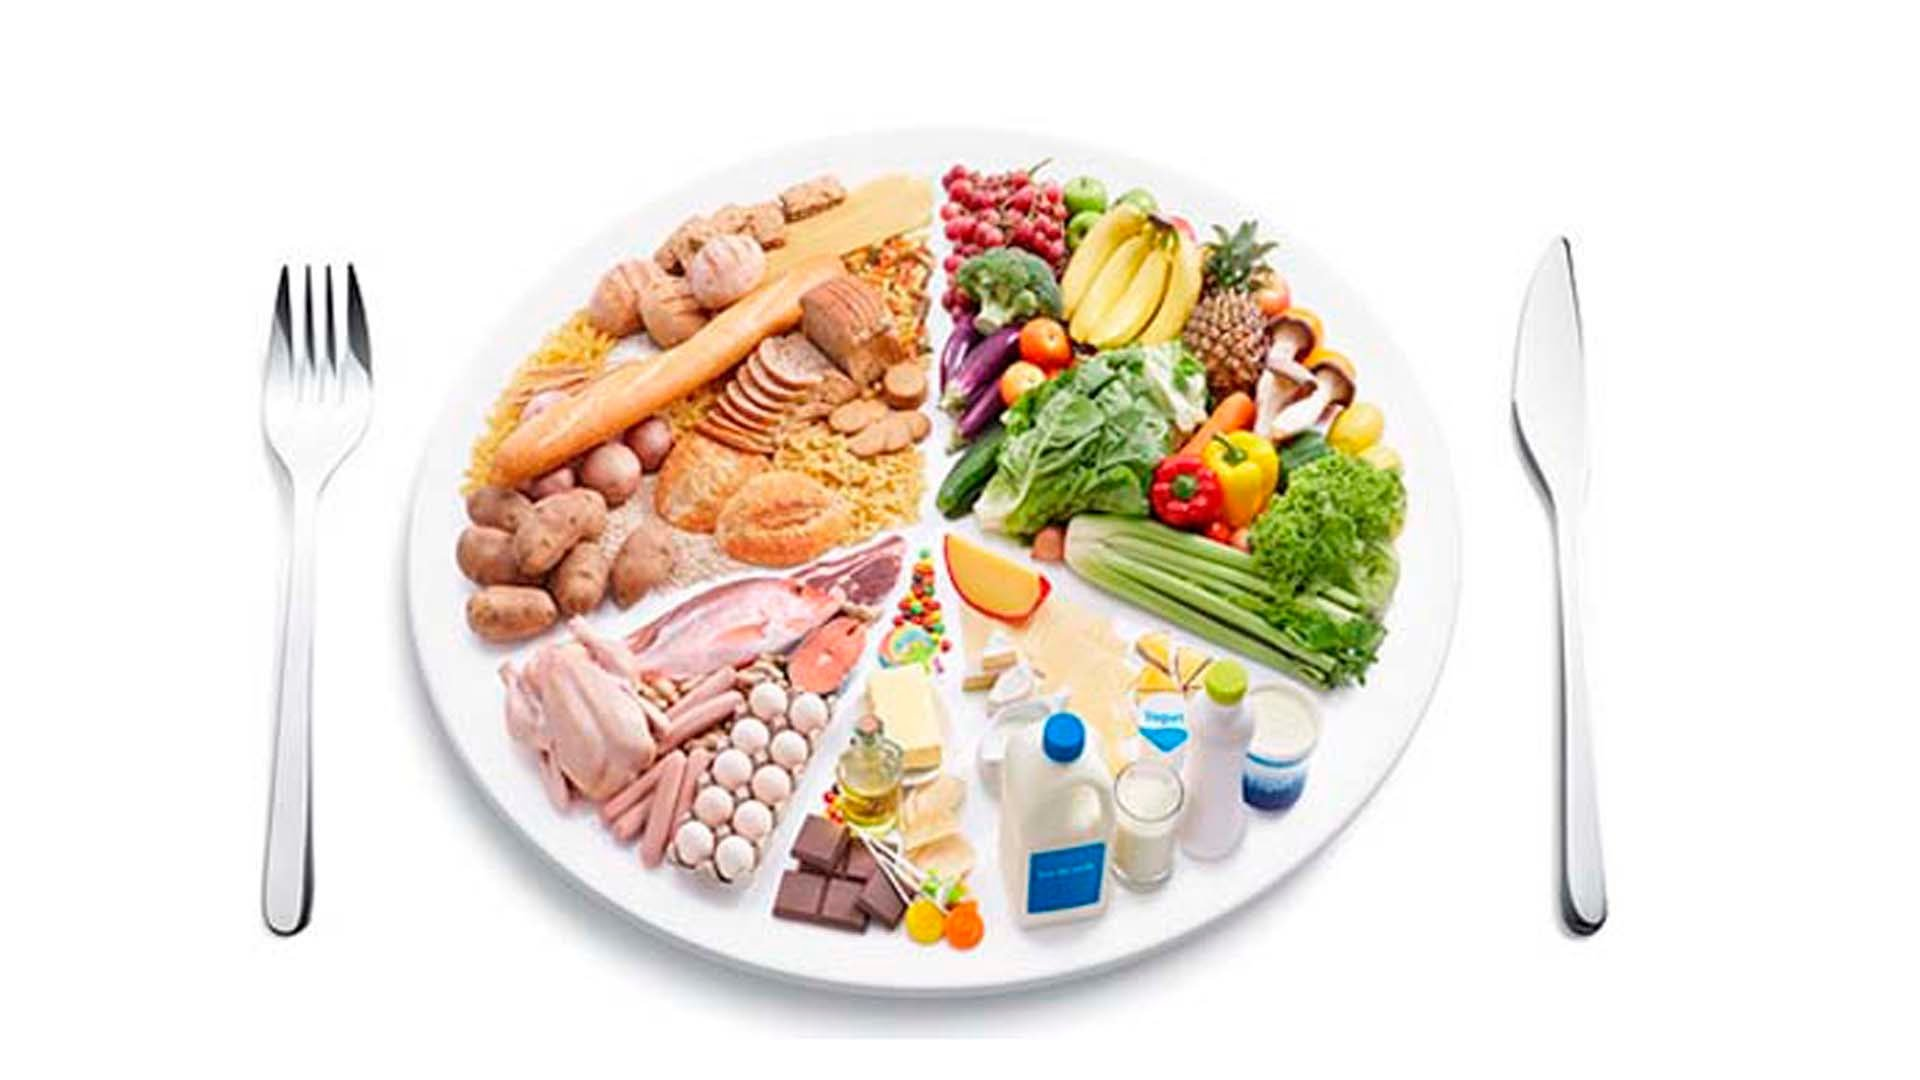 Сбалансированное питание для похудения – меню на неделю для женщин